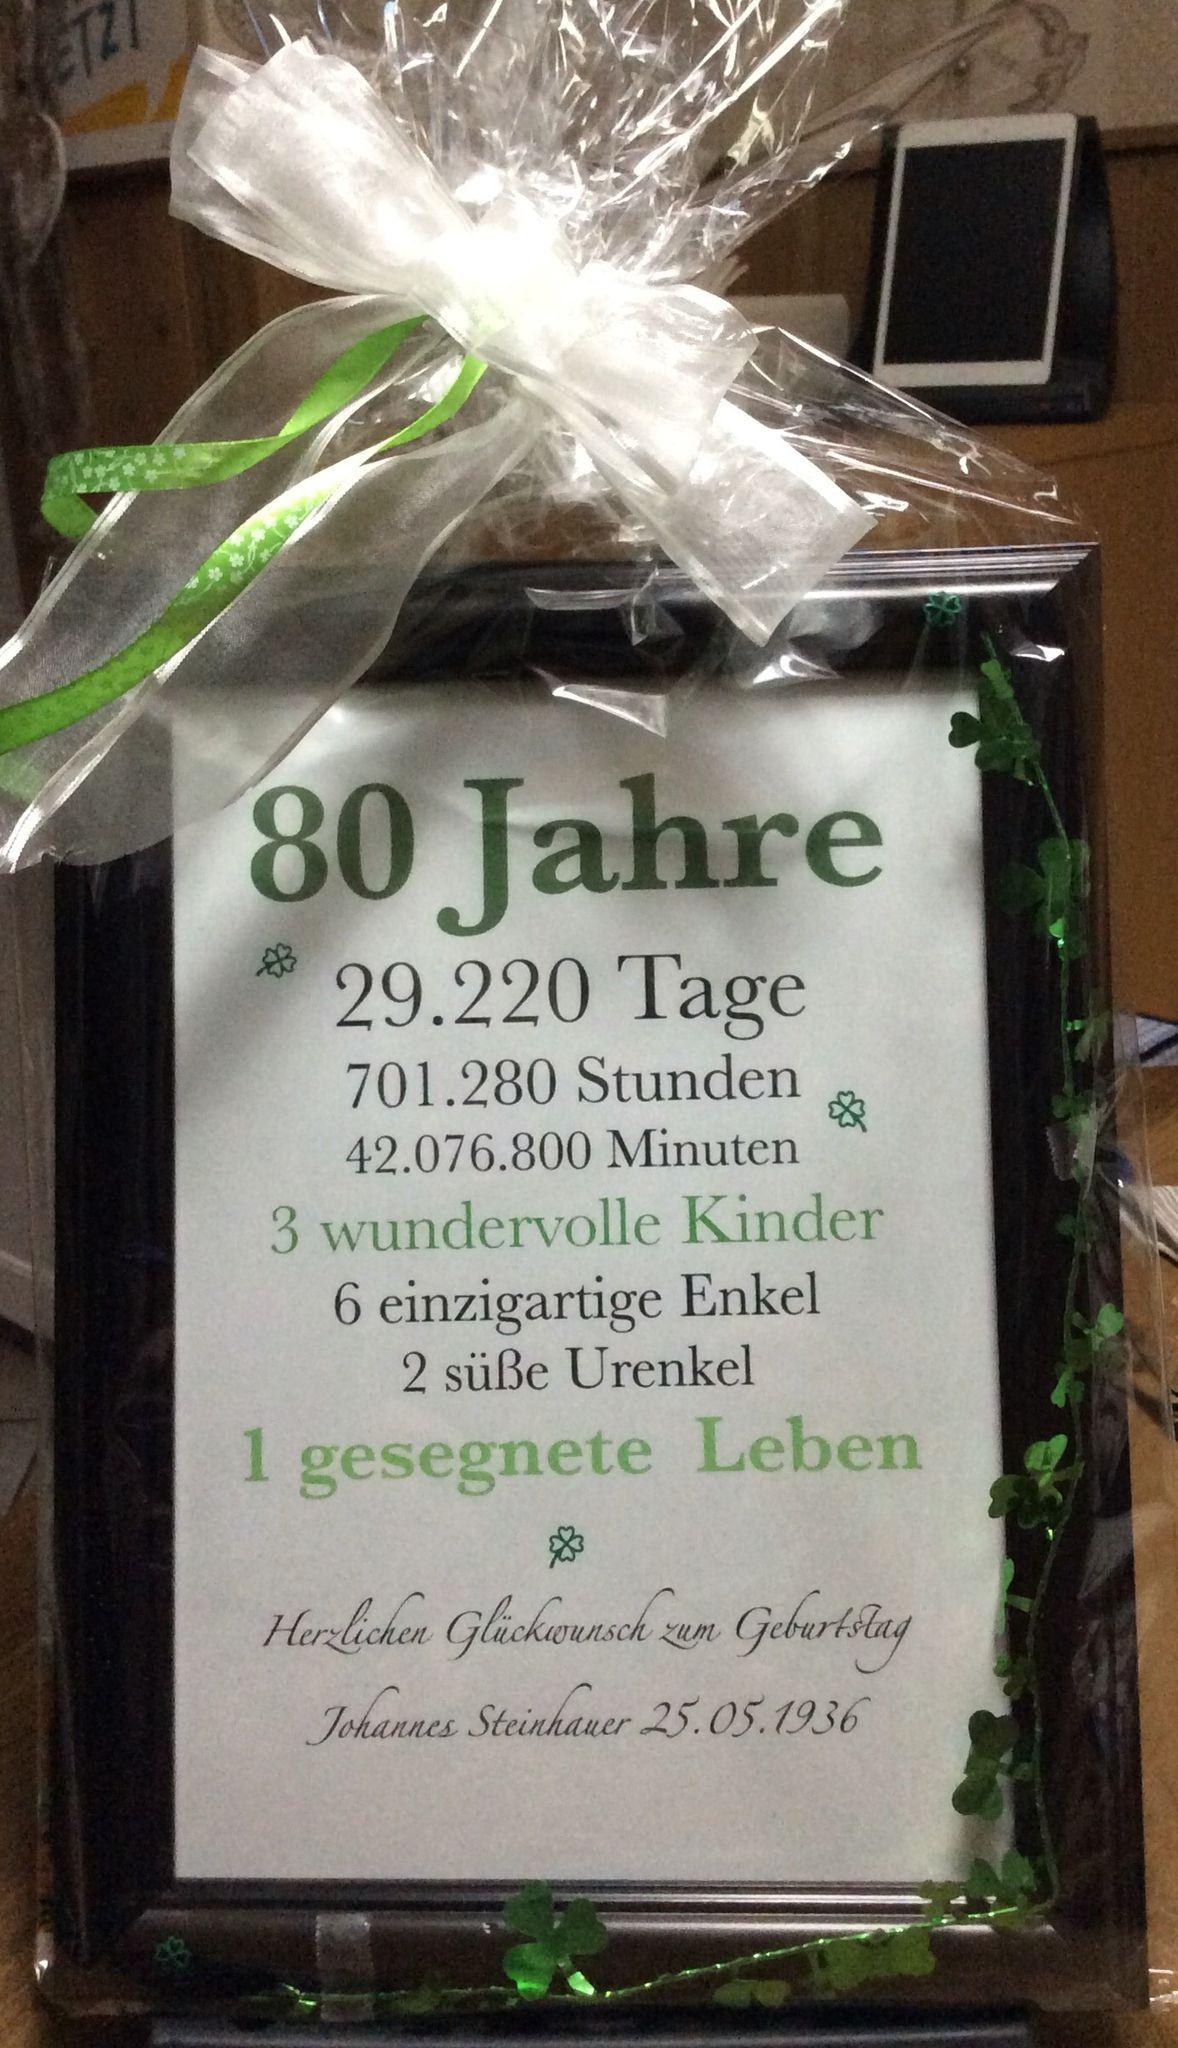 Geschenk Zum Einjährigen Inspirational Geschenk Zum 80 Geburtstag 80 Birthday